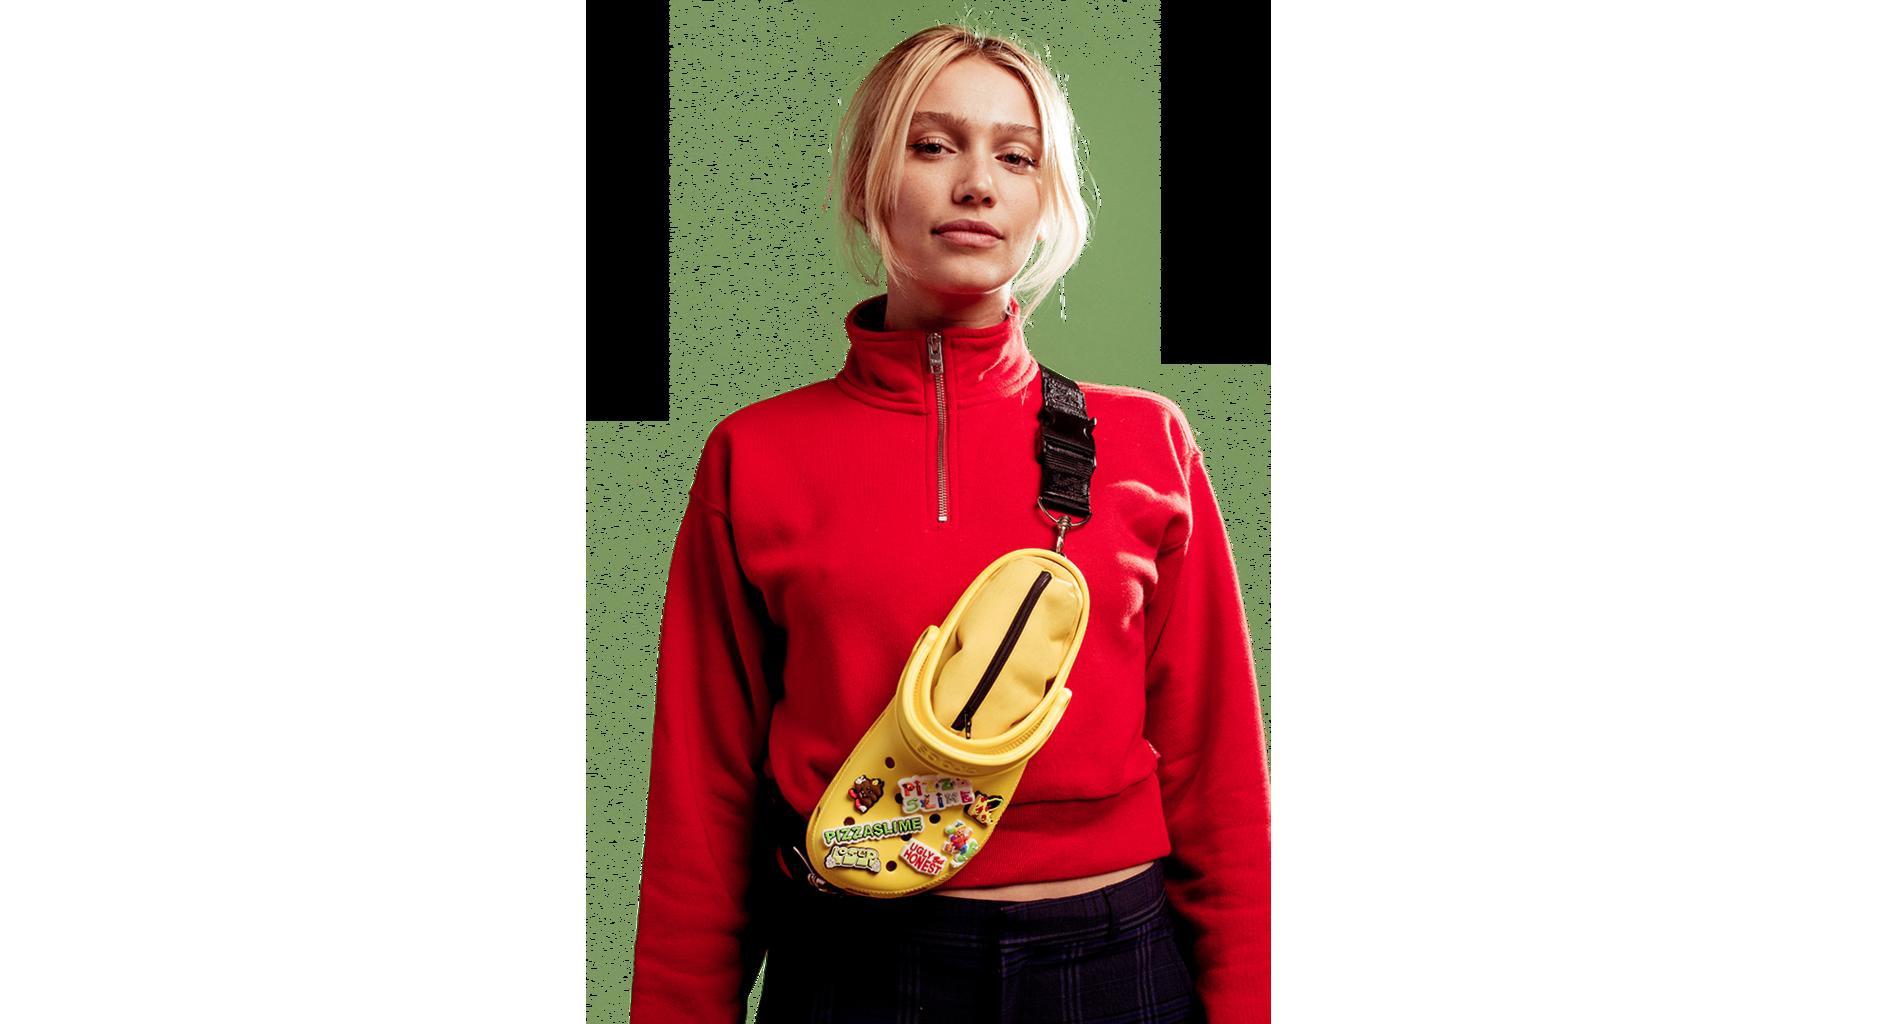 PizzaSlime biến đôi Crocs thành chiếc túi đeo chéo độc đáo